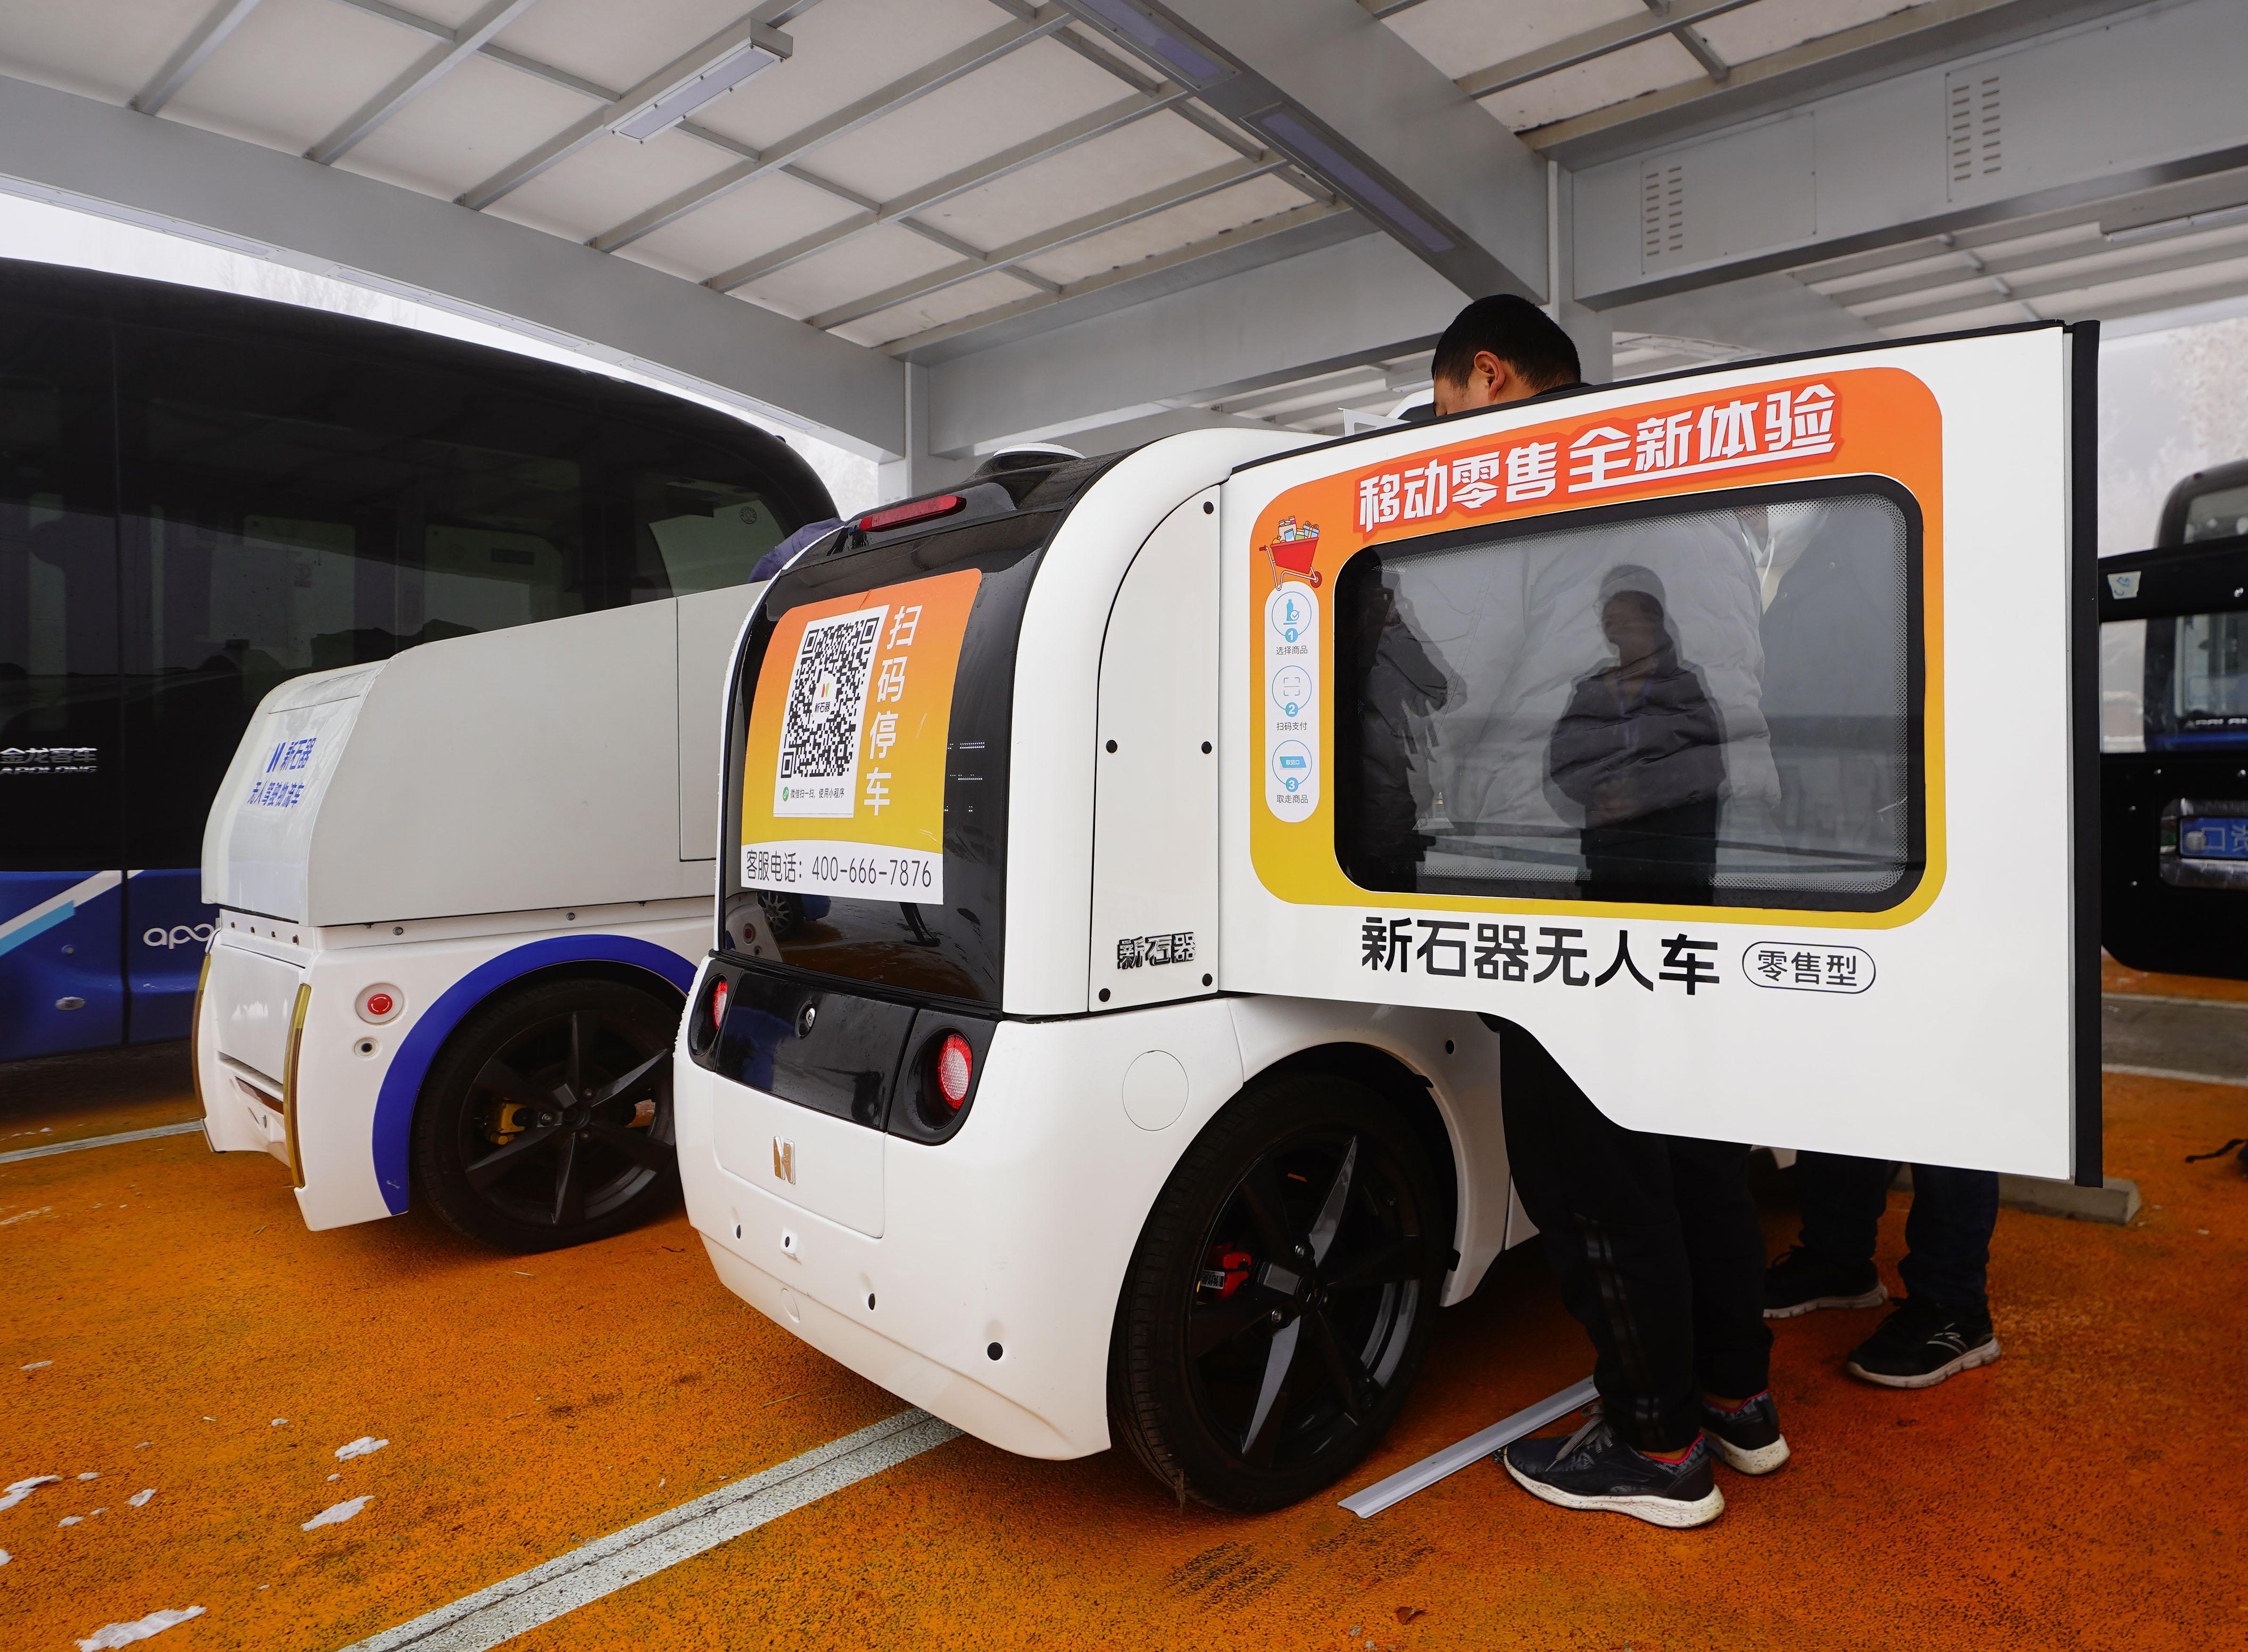 「未来の都市」の至る所に無人サービス 中国の雄安新区